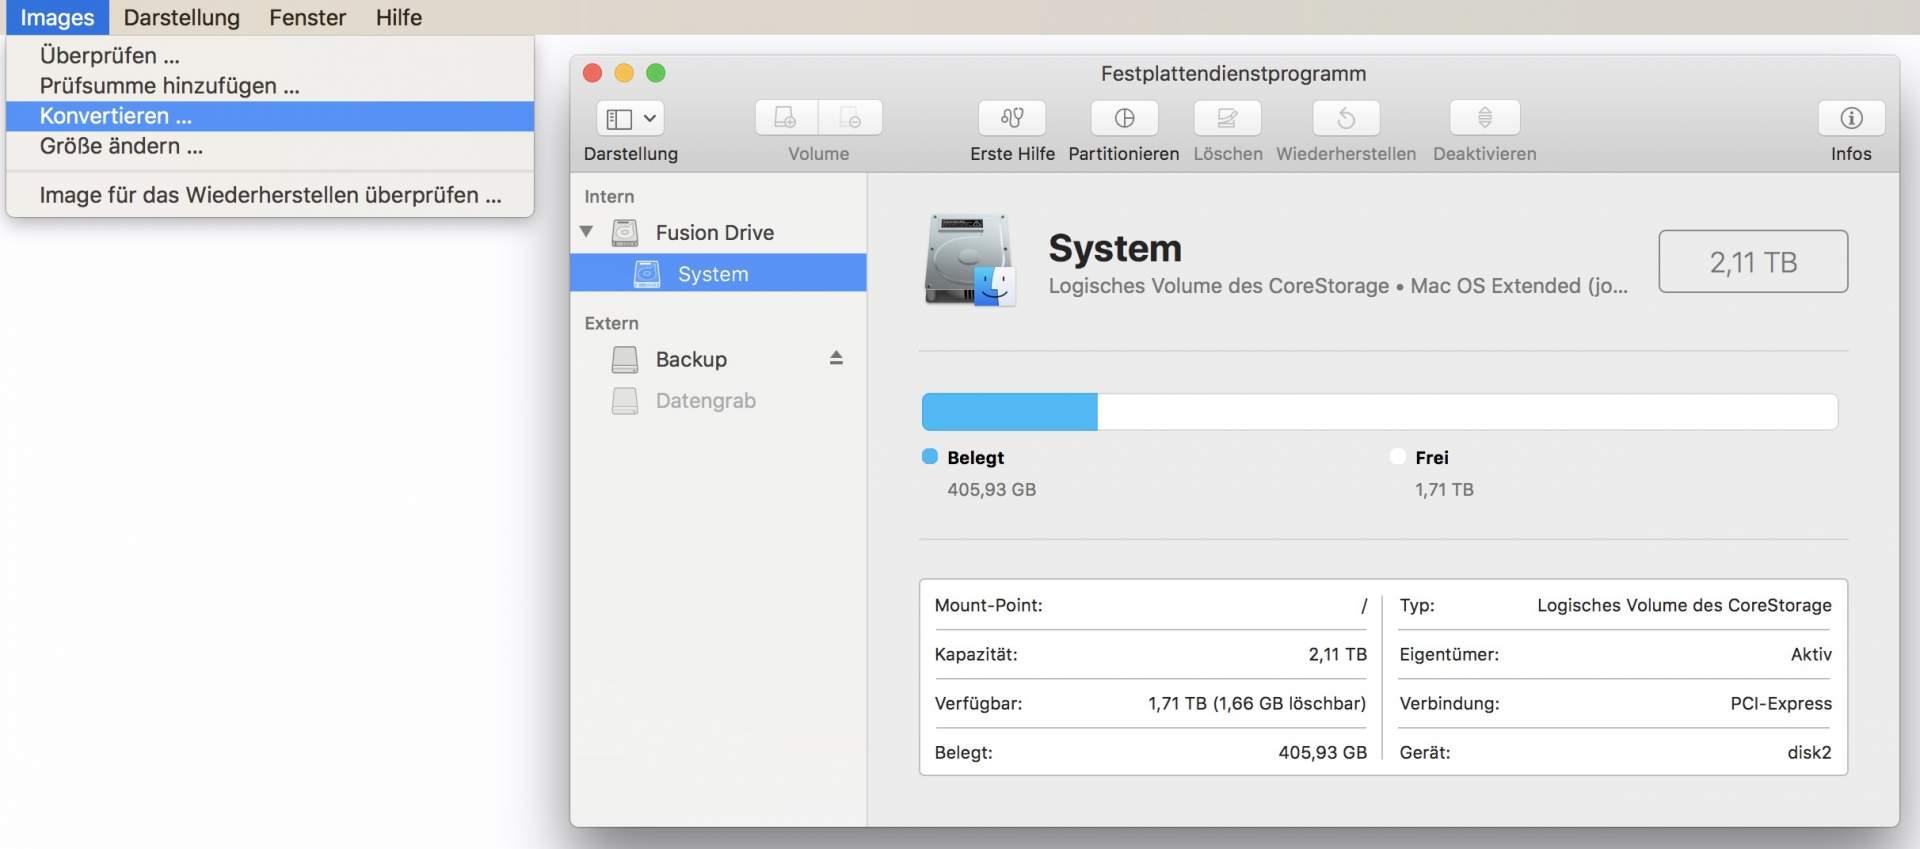 Ihr könnt DMGs ganz einfach mit dem Festplatten-Dienstprogramm konvertieren.